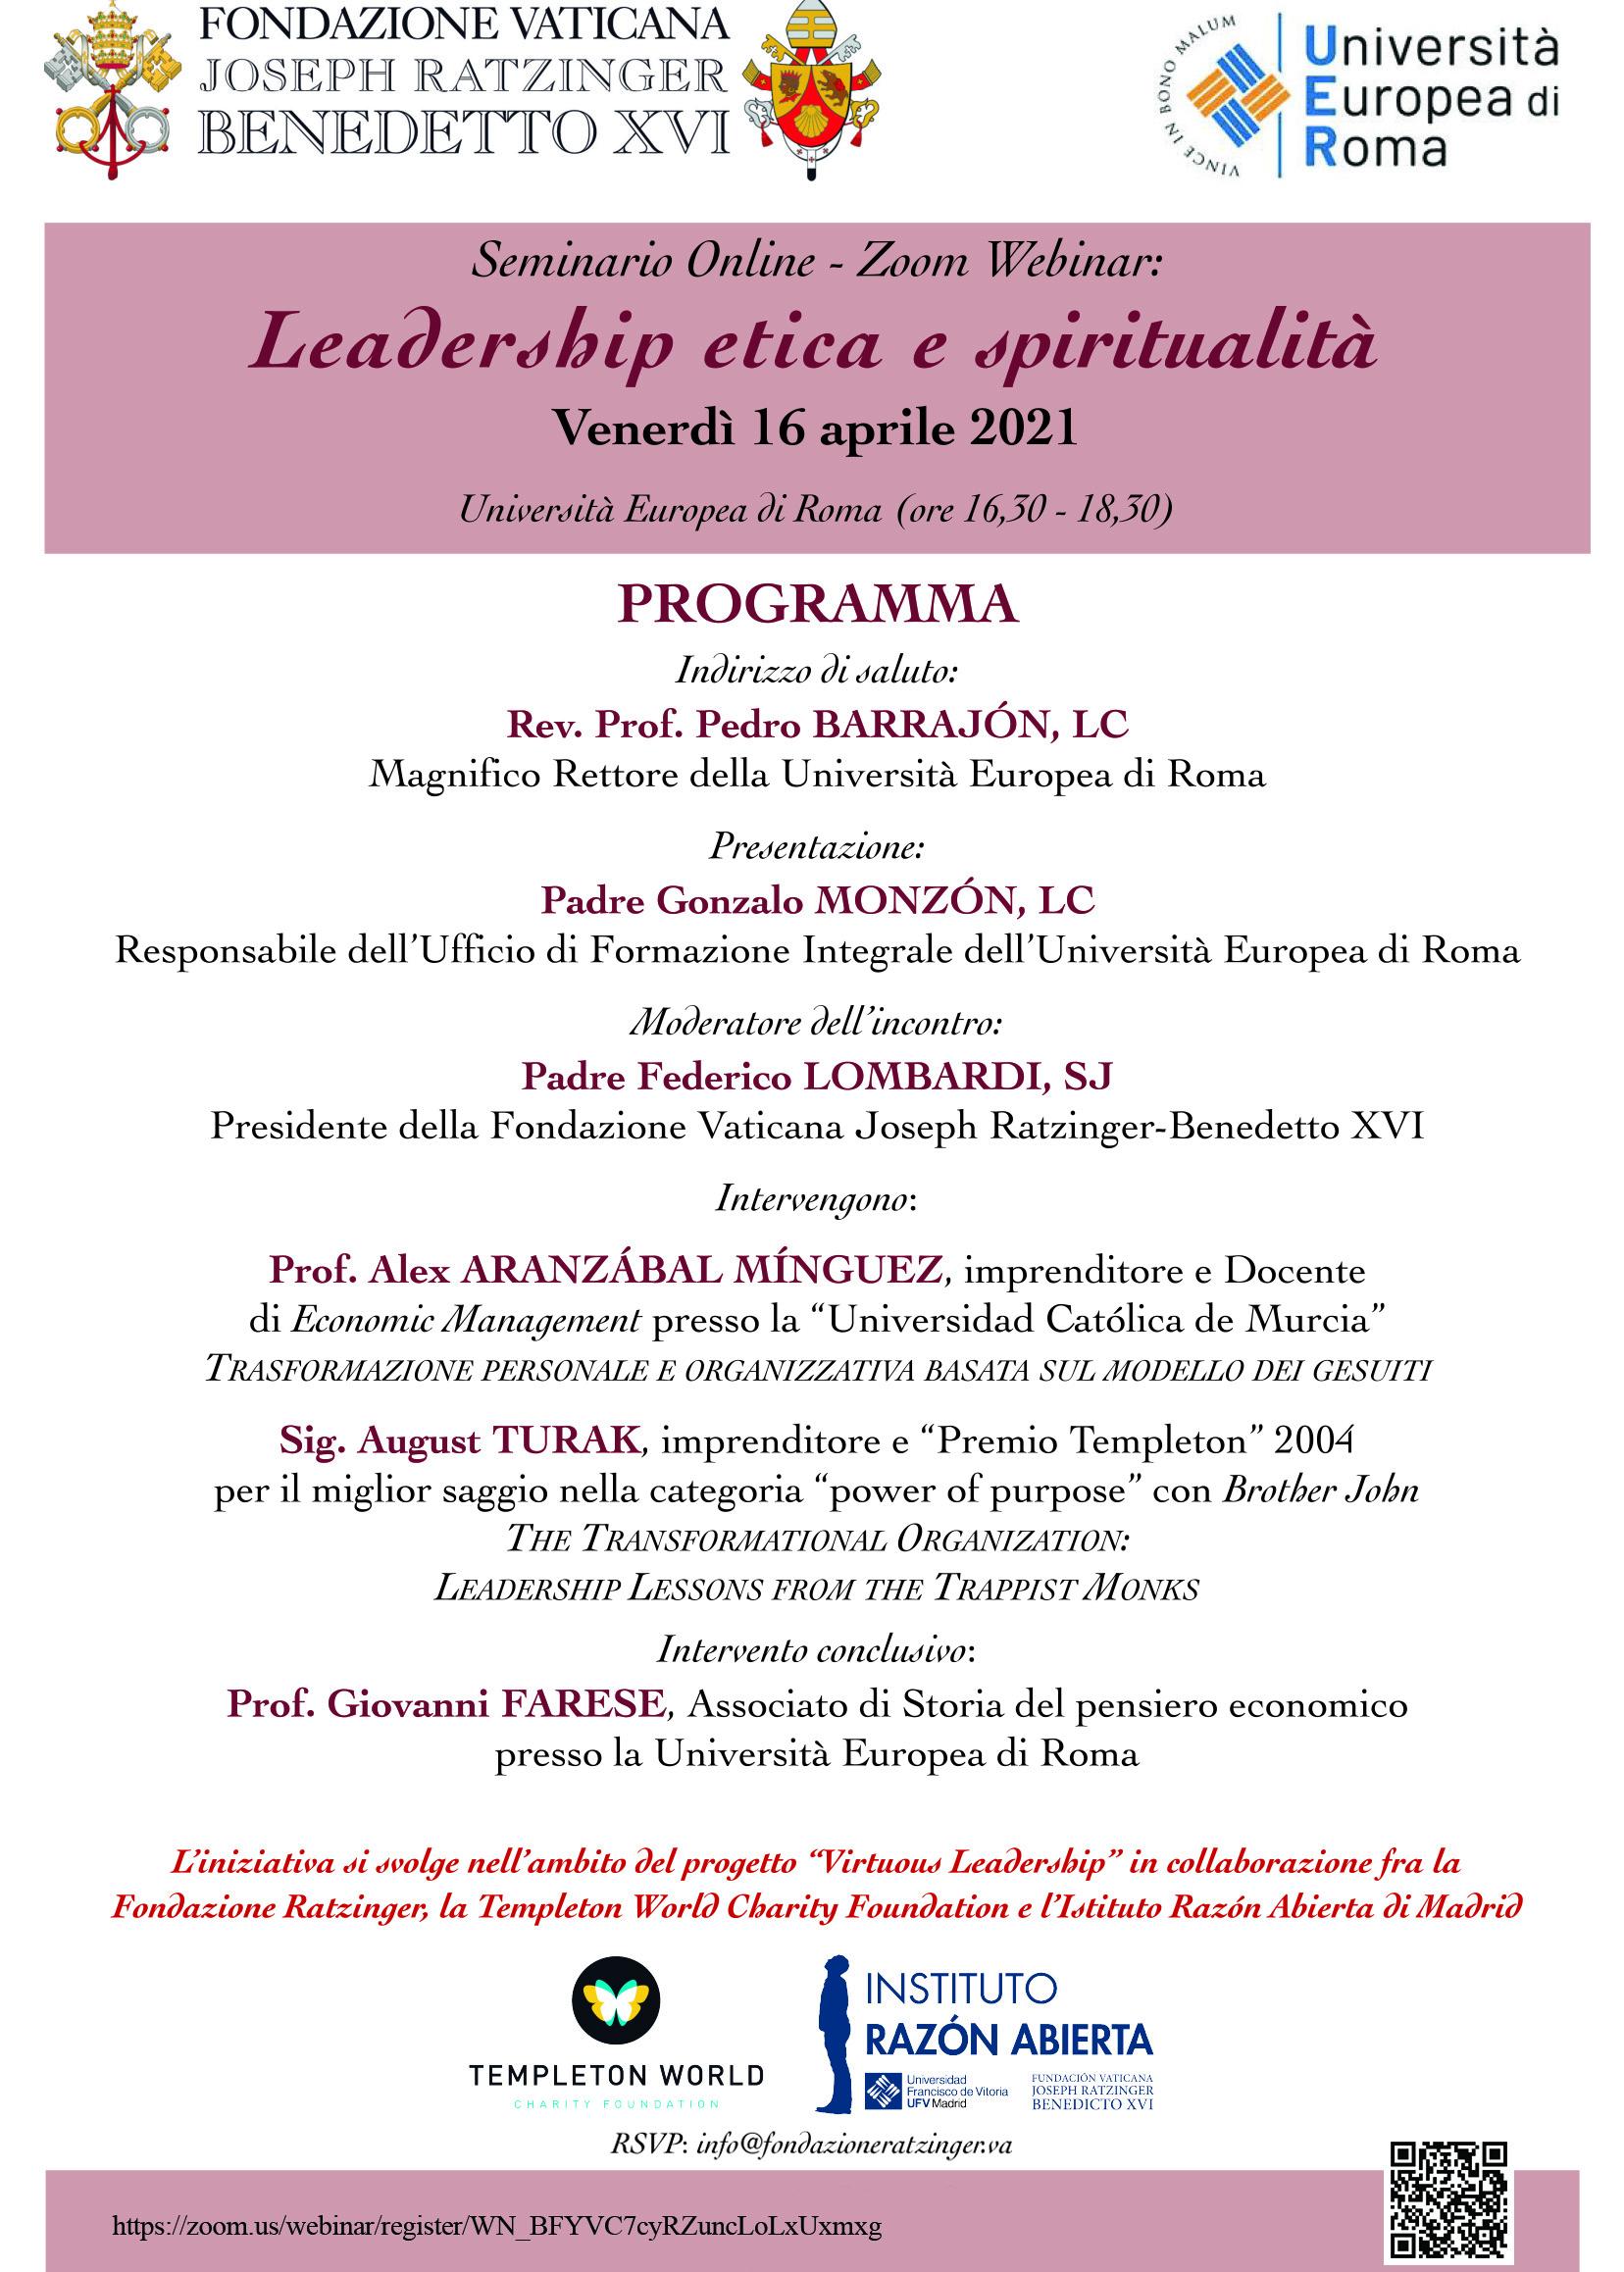 Leadership Etica e Spiritualità